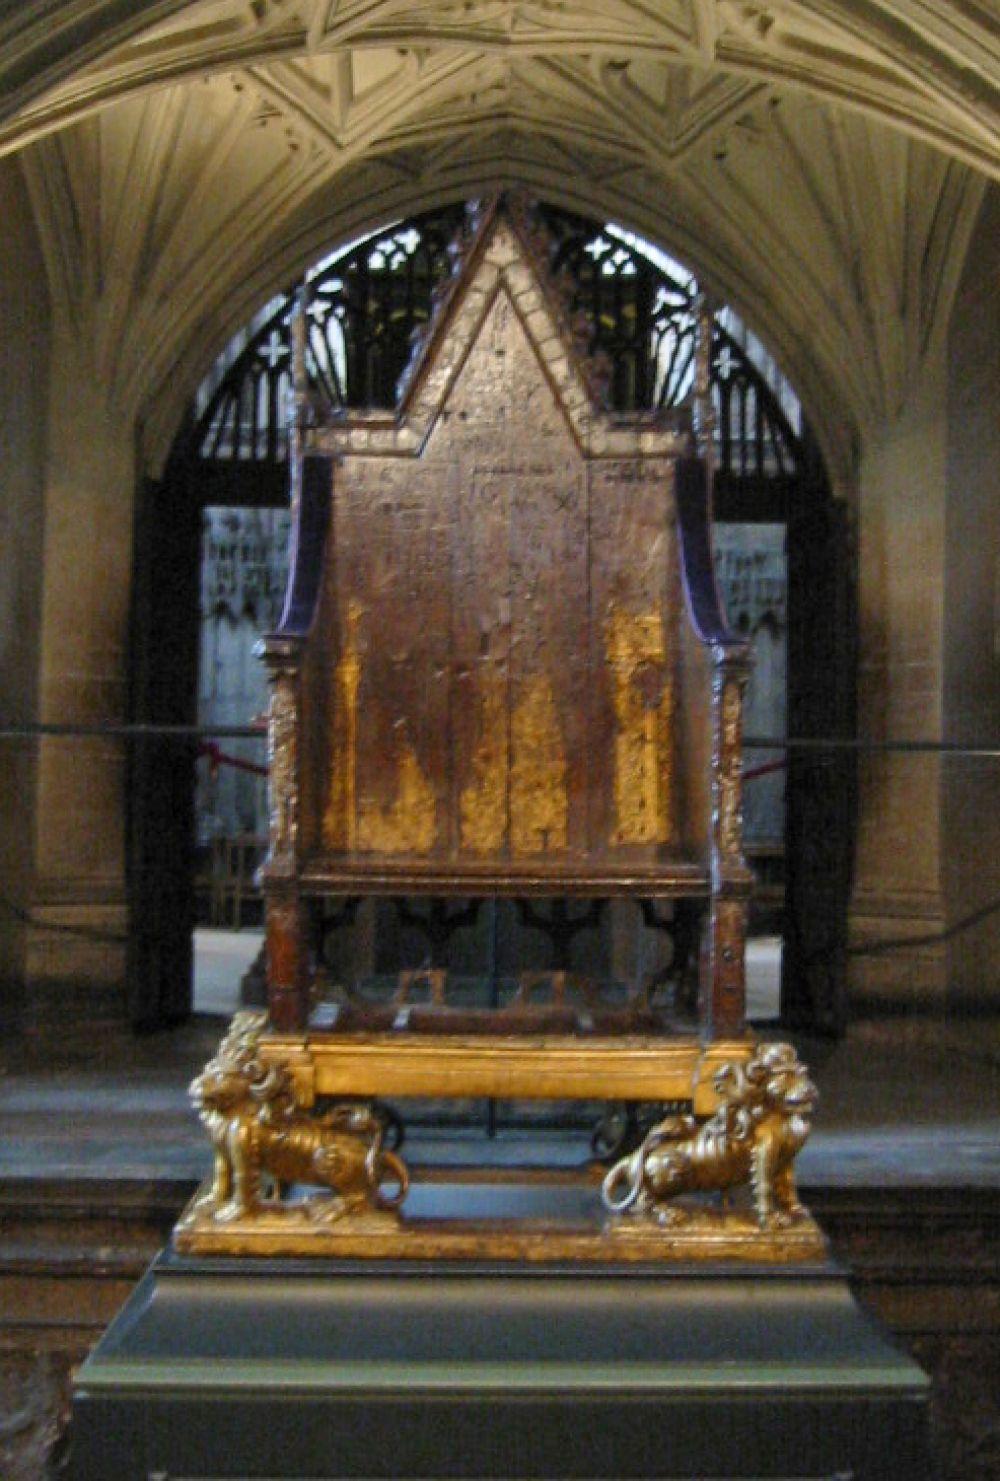 Например, в первозданном виде сохранилось деревянное кресло короля Эдуарда, также известное как кресло коронации. На нём Эдуард I восседал в 1296 году во время коронации. До сих пор его используют в рамках этой церемонии.